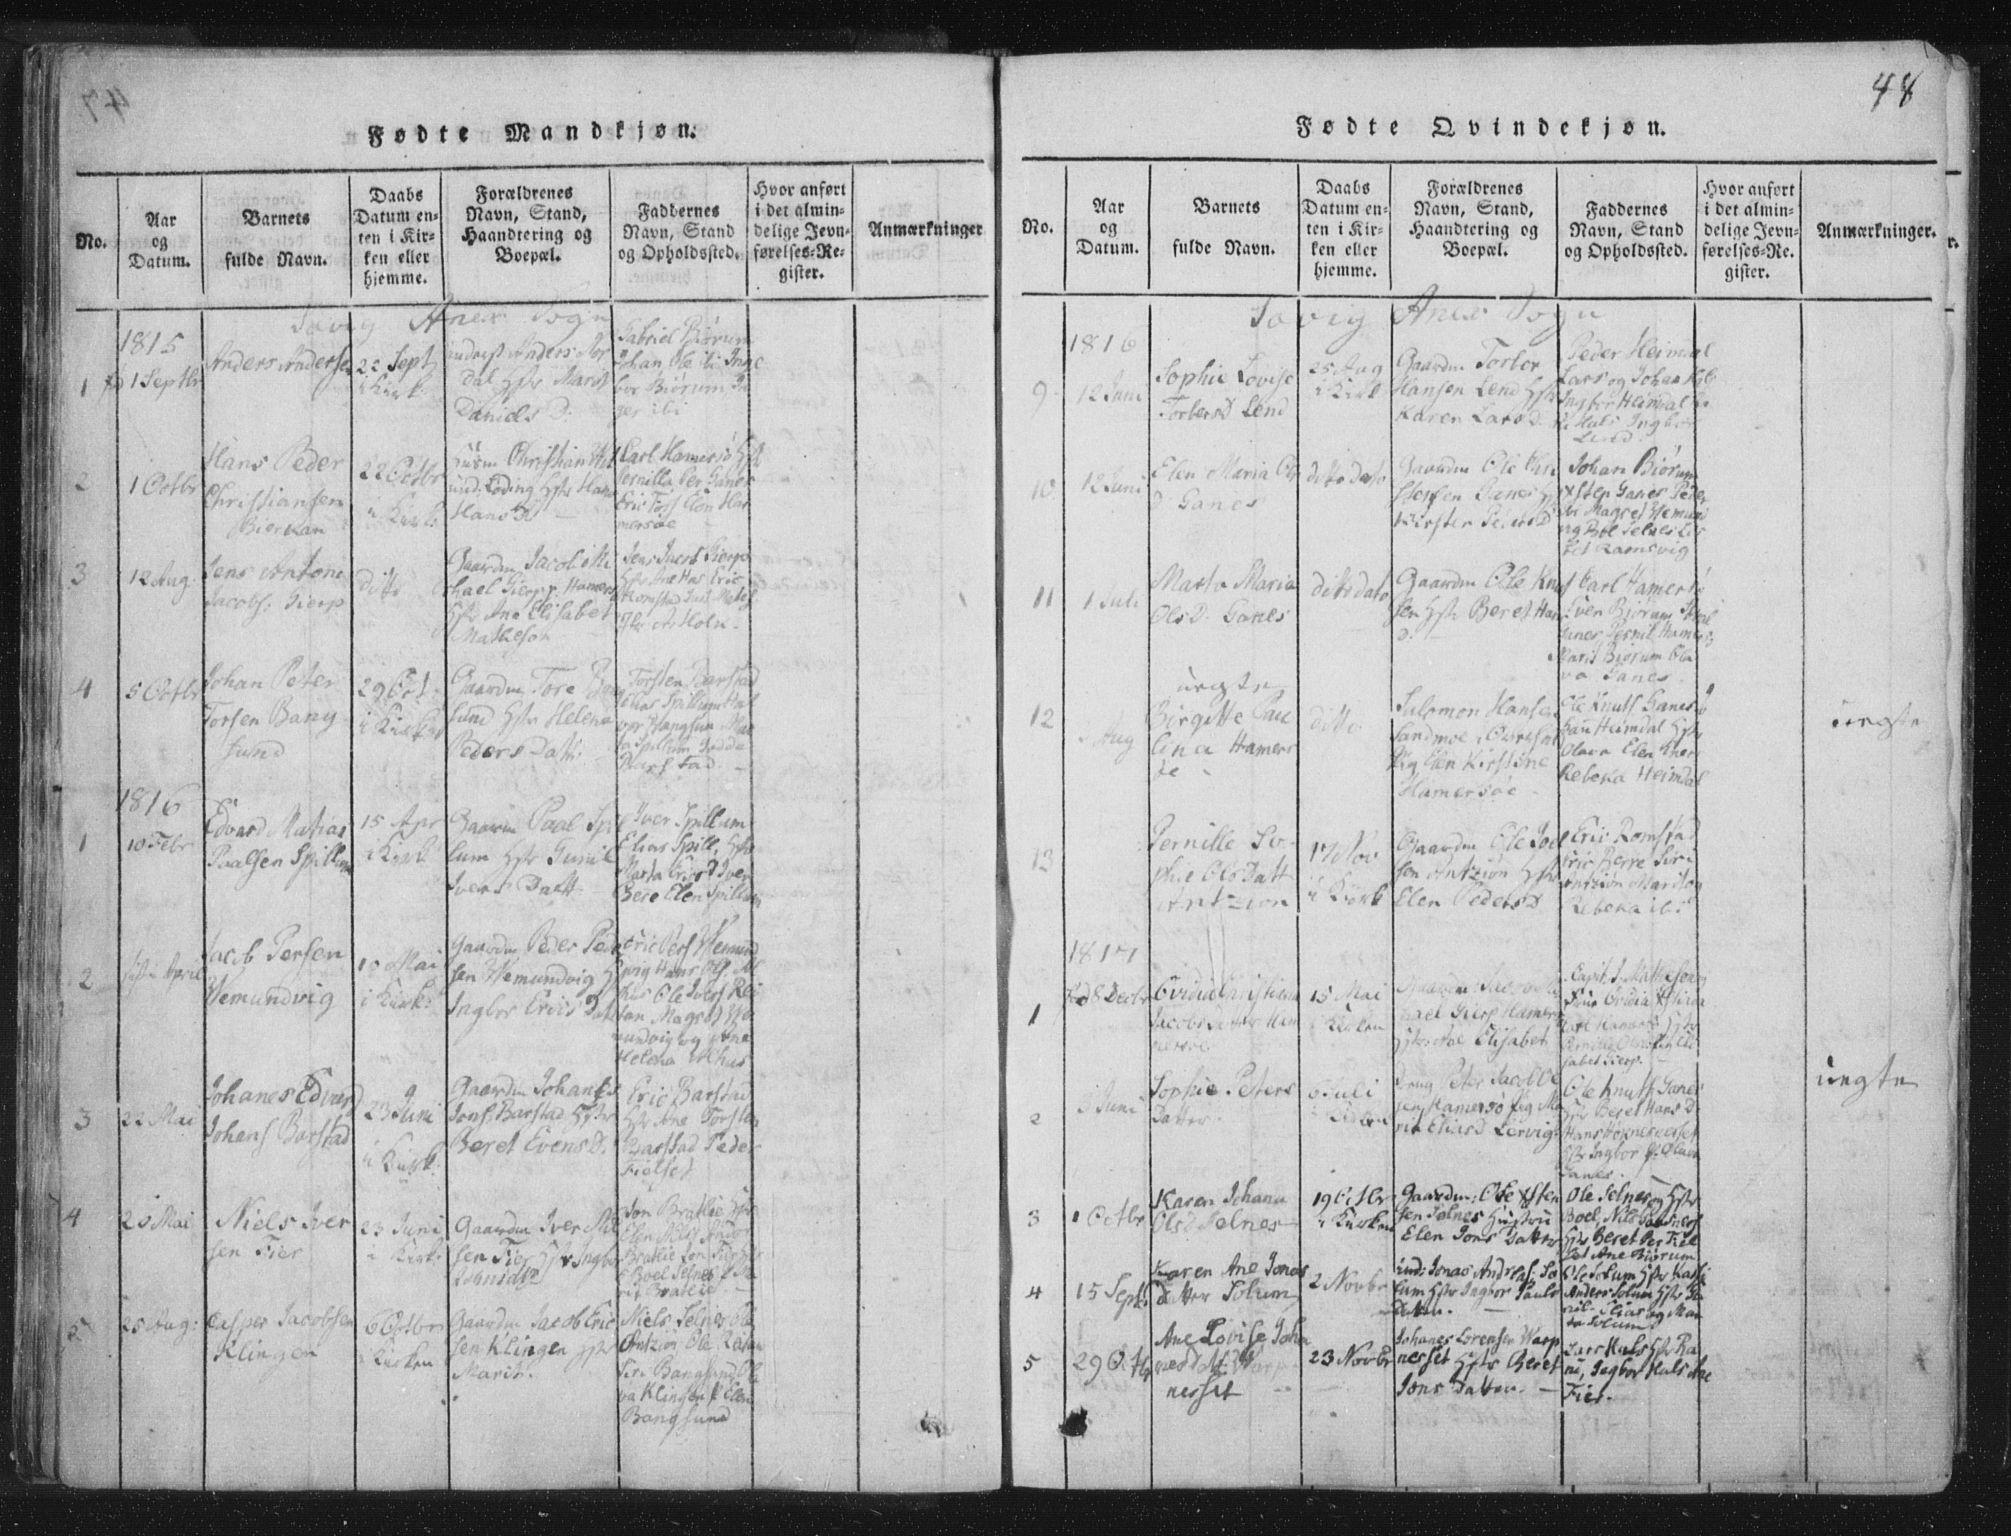 SAT, Ministerialprotokoller, klokkerbøker og fødselsregistre - Nord-Trøndelag, 773/L0609: Ministerialbok nr. 773A03 /4, 1815-1818, s. 48